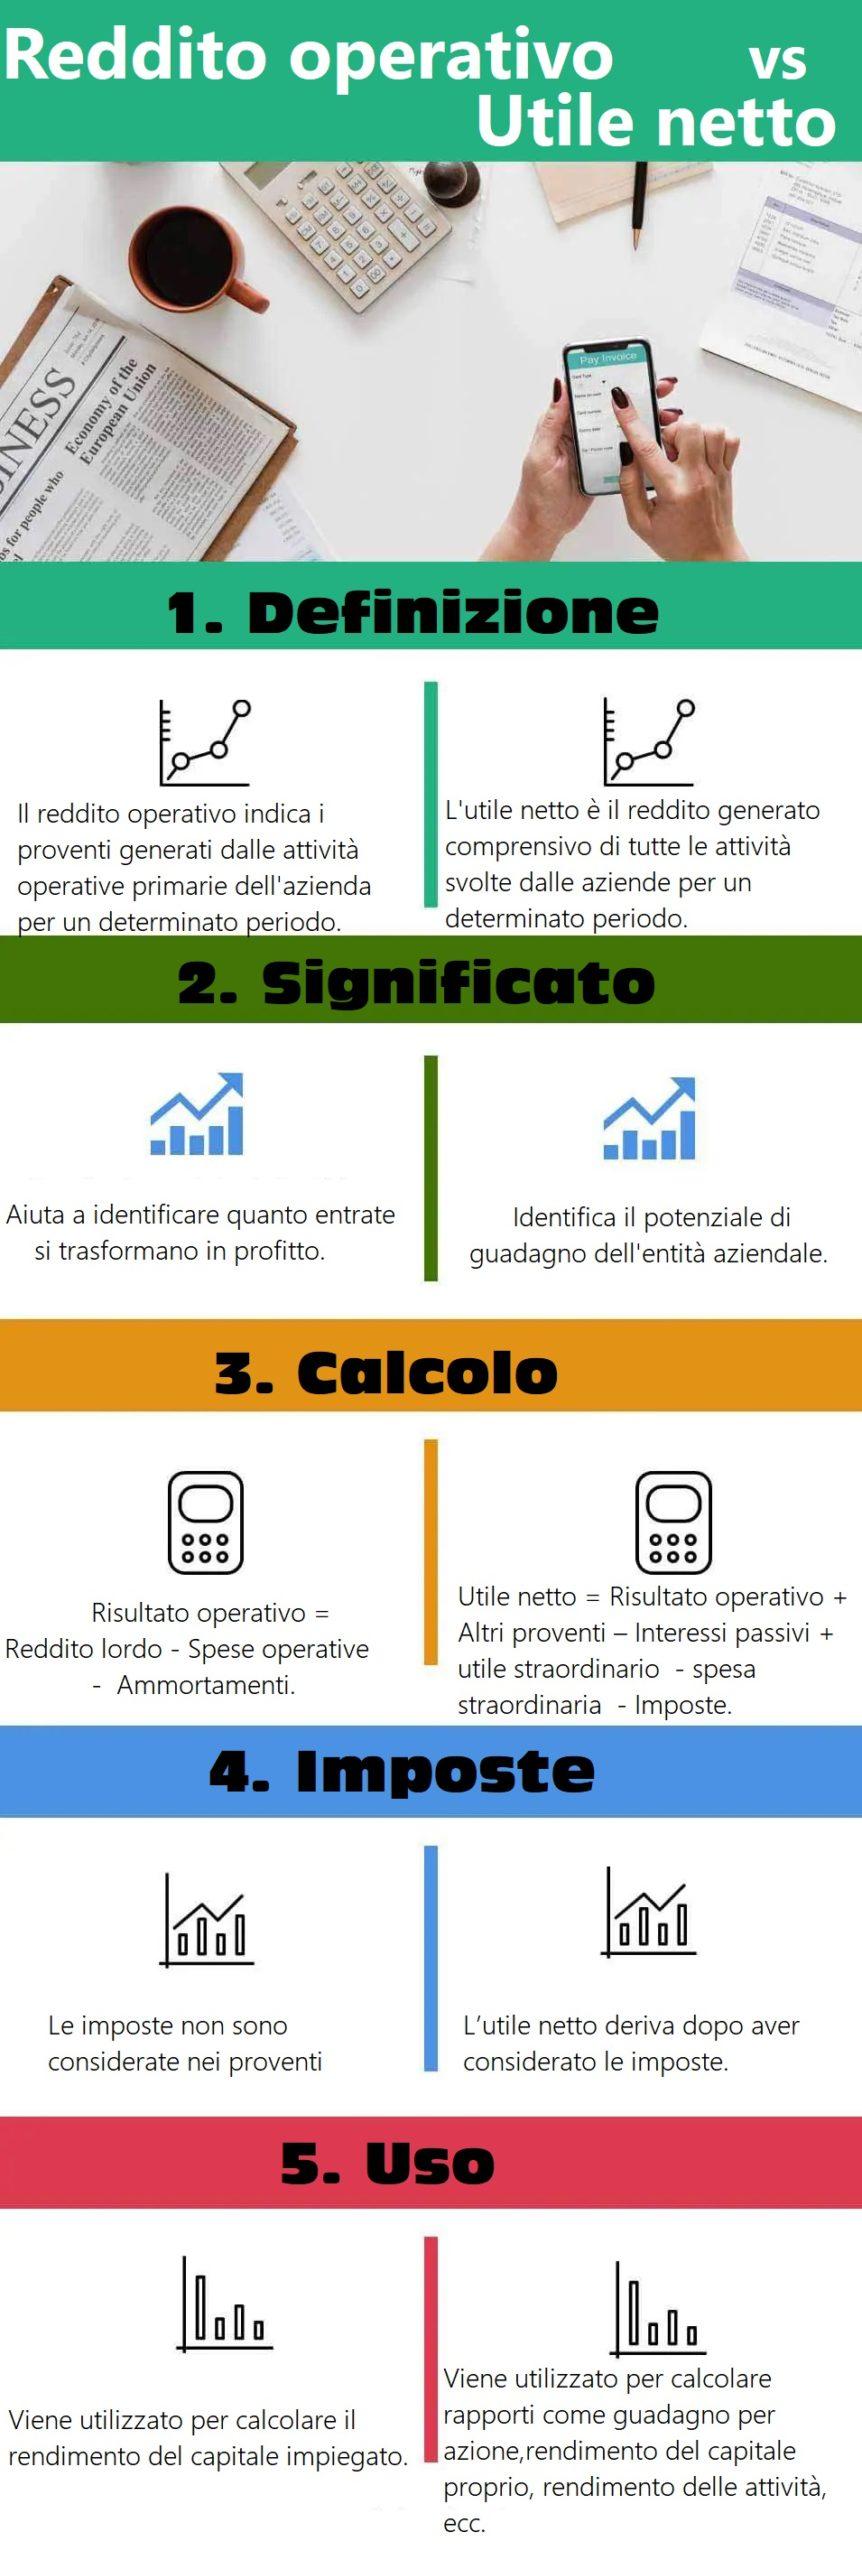 infografica reddito operativo utile netto scaled - Qual è la differenza tra reddito operativo e utile netto?